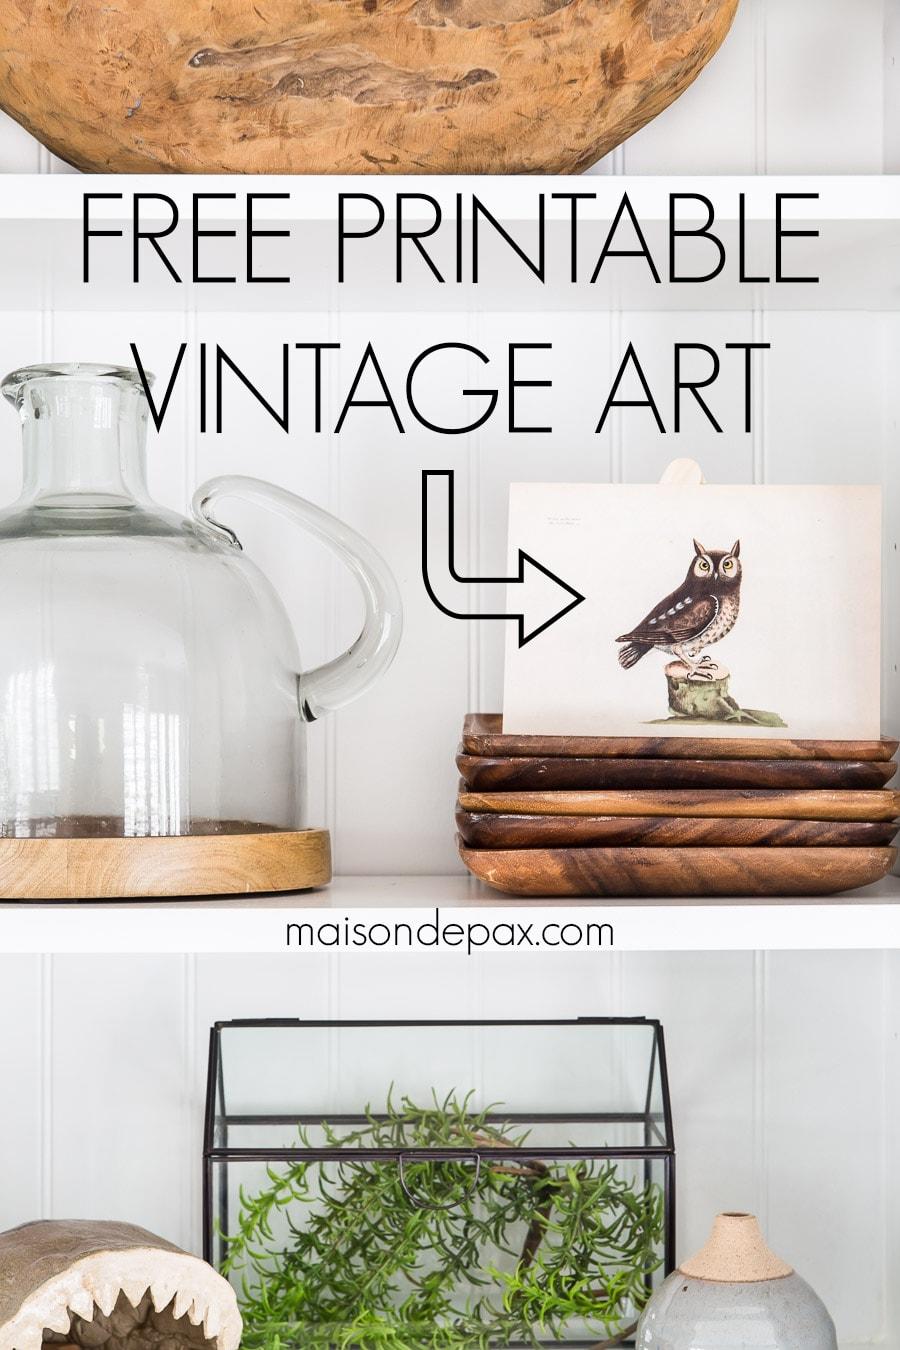 free printable vintage art | Maison de Pax